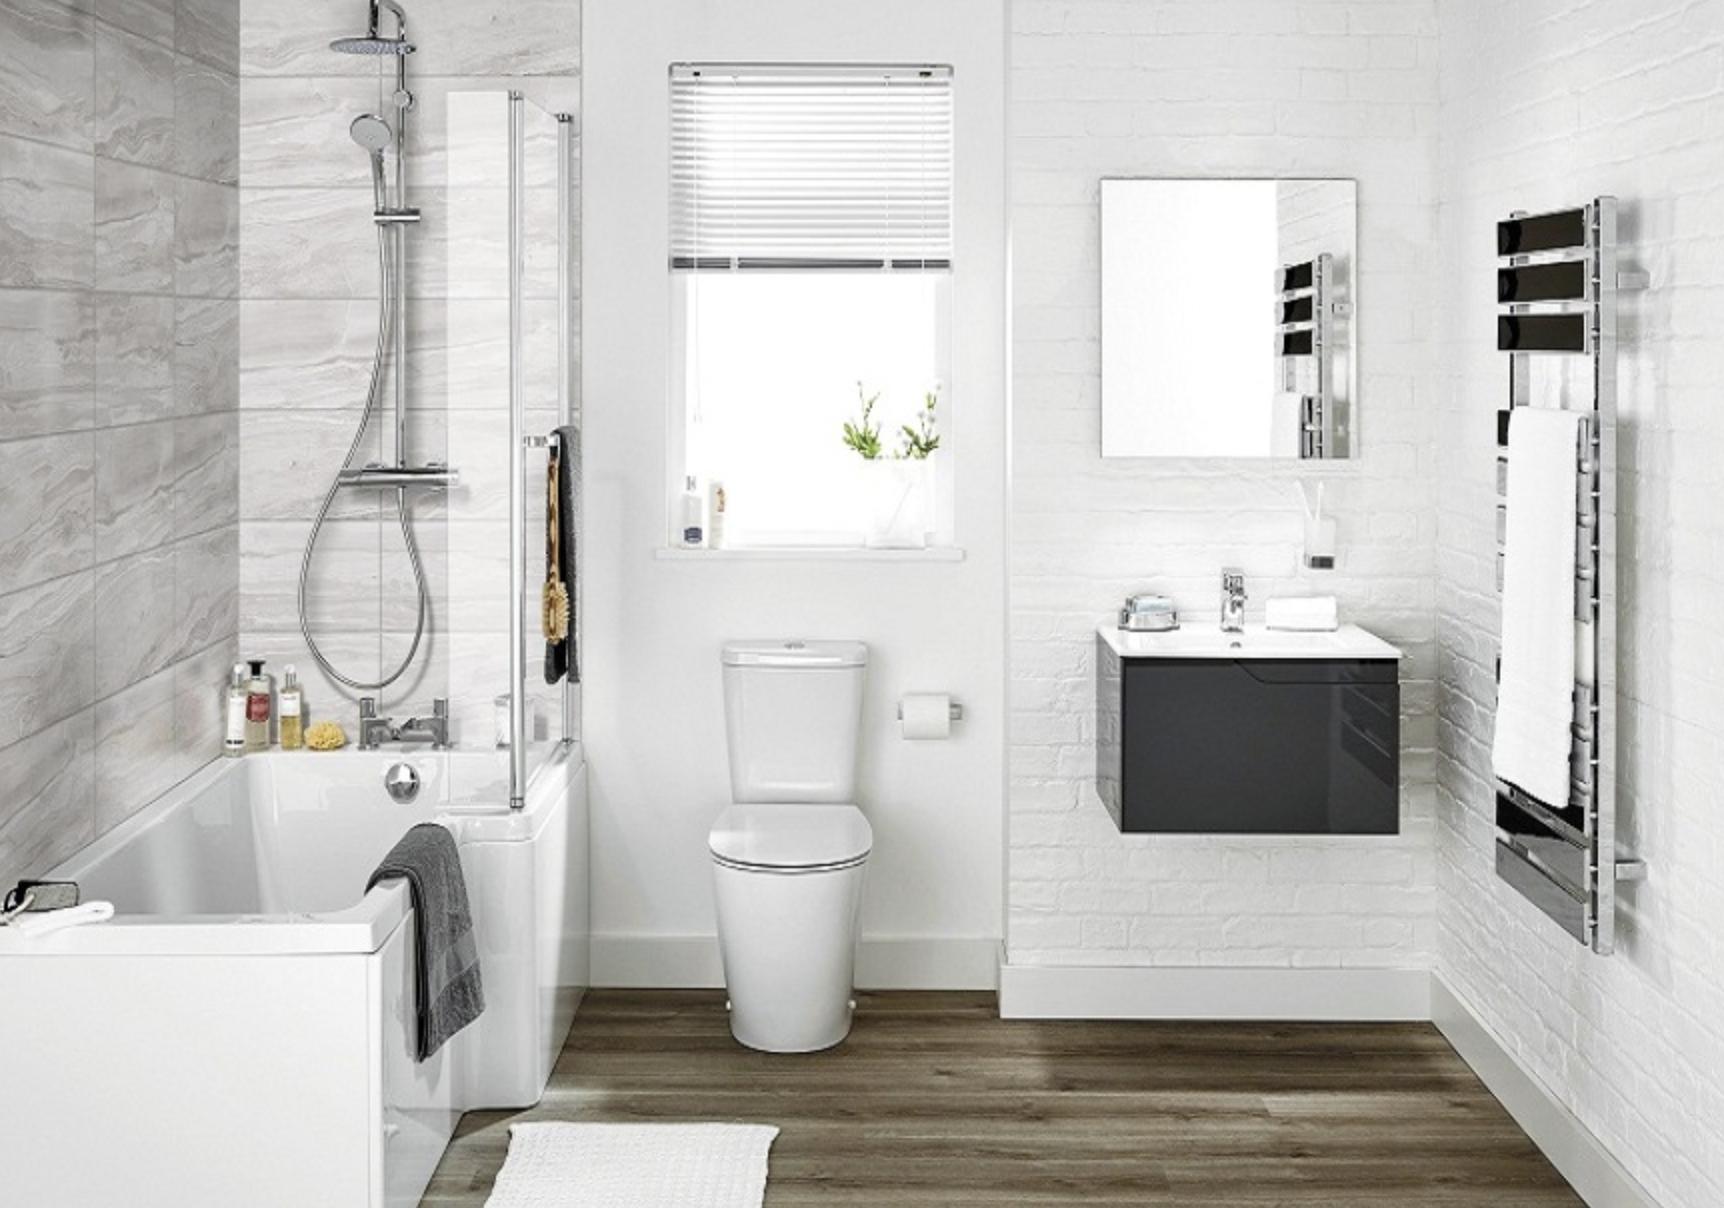 Top 3 xu hướng thiết kế phòng tắm 2021 đặc biệt ấn tượng - Ảnh 3.